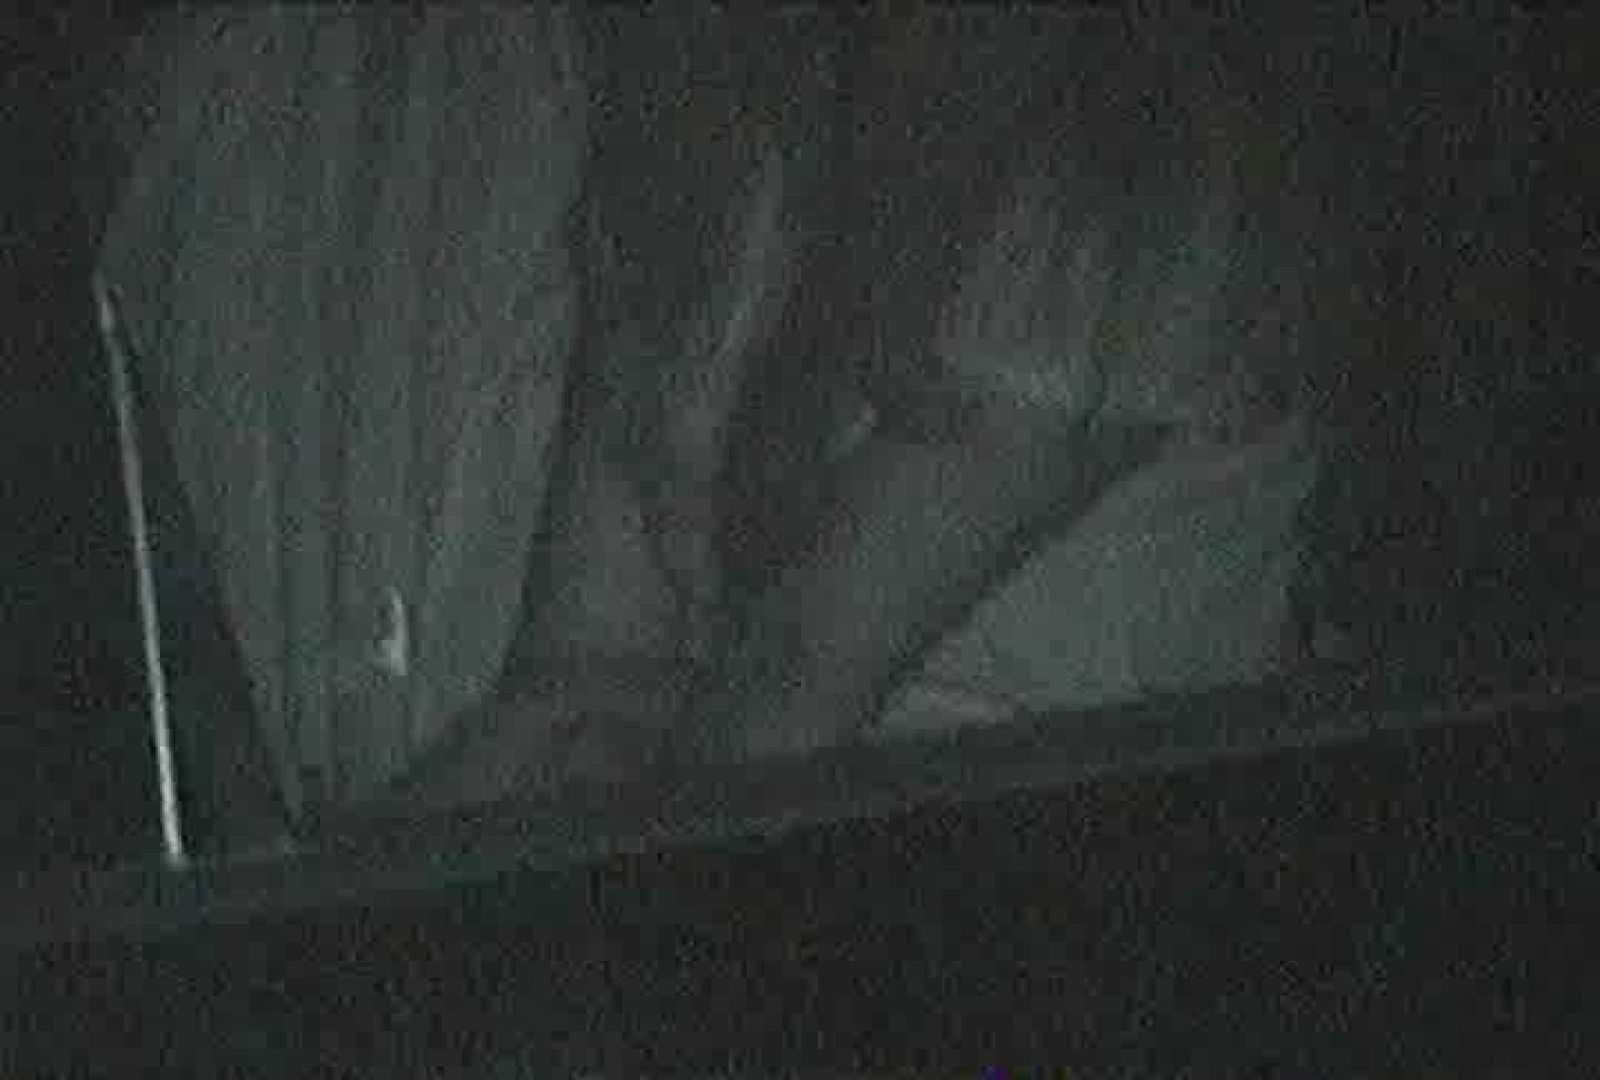 充血監督の深夜の運動会Vol.87 マンコ | OLの実態  91pic 1